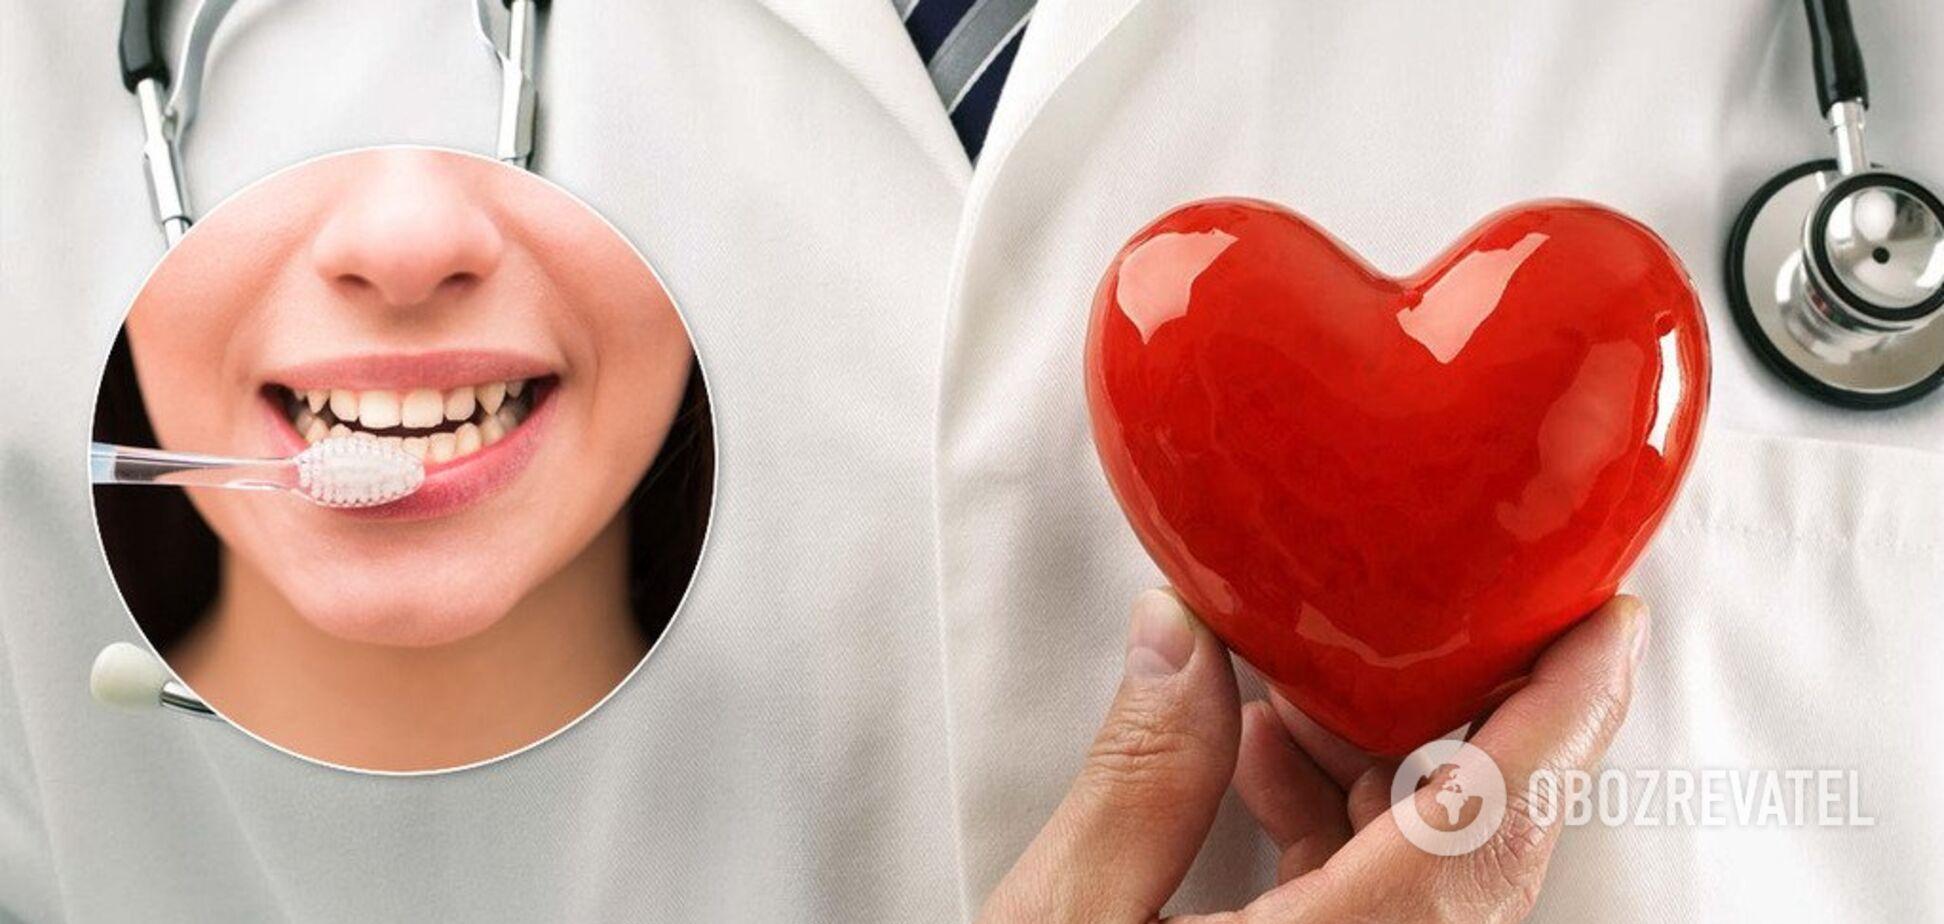 Чистите зубы, чтобы защитить сердце